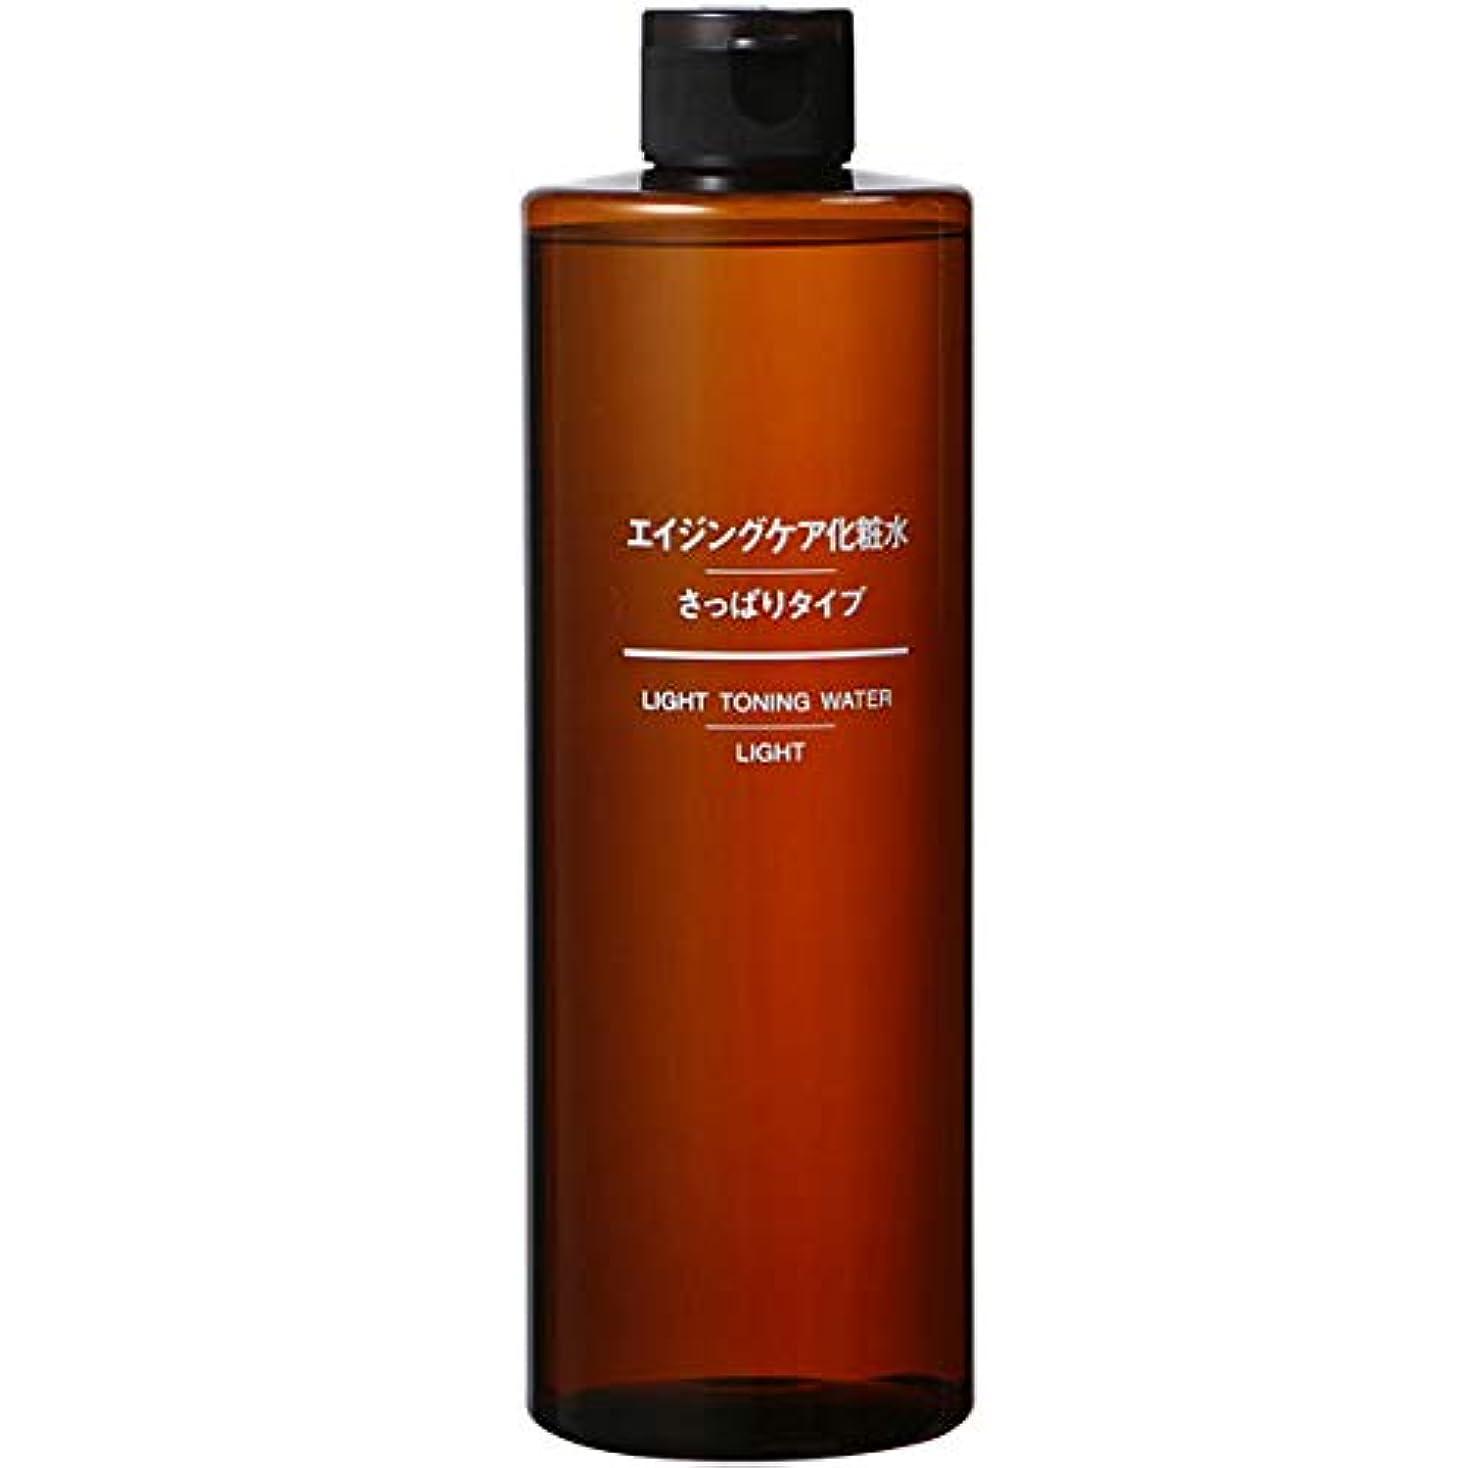 頑張る瞳海上無印良品 エイジングケア化粧水?さっぱりタイプ(大容量) 400ml (400mlX2本)